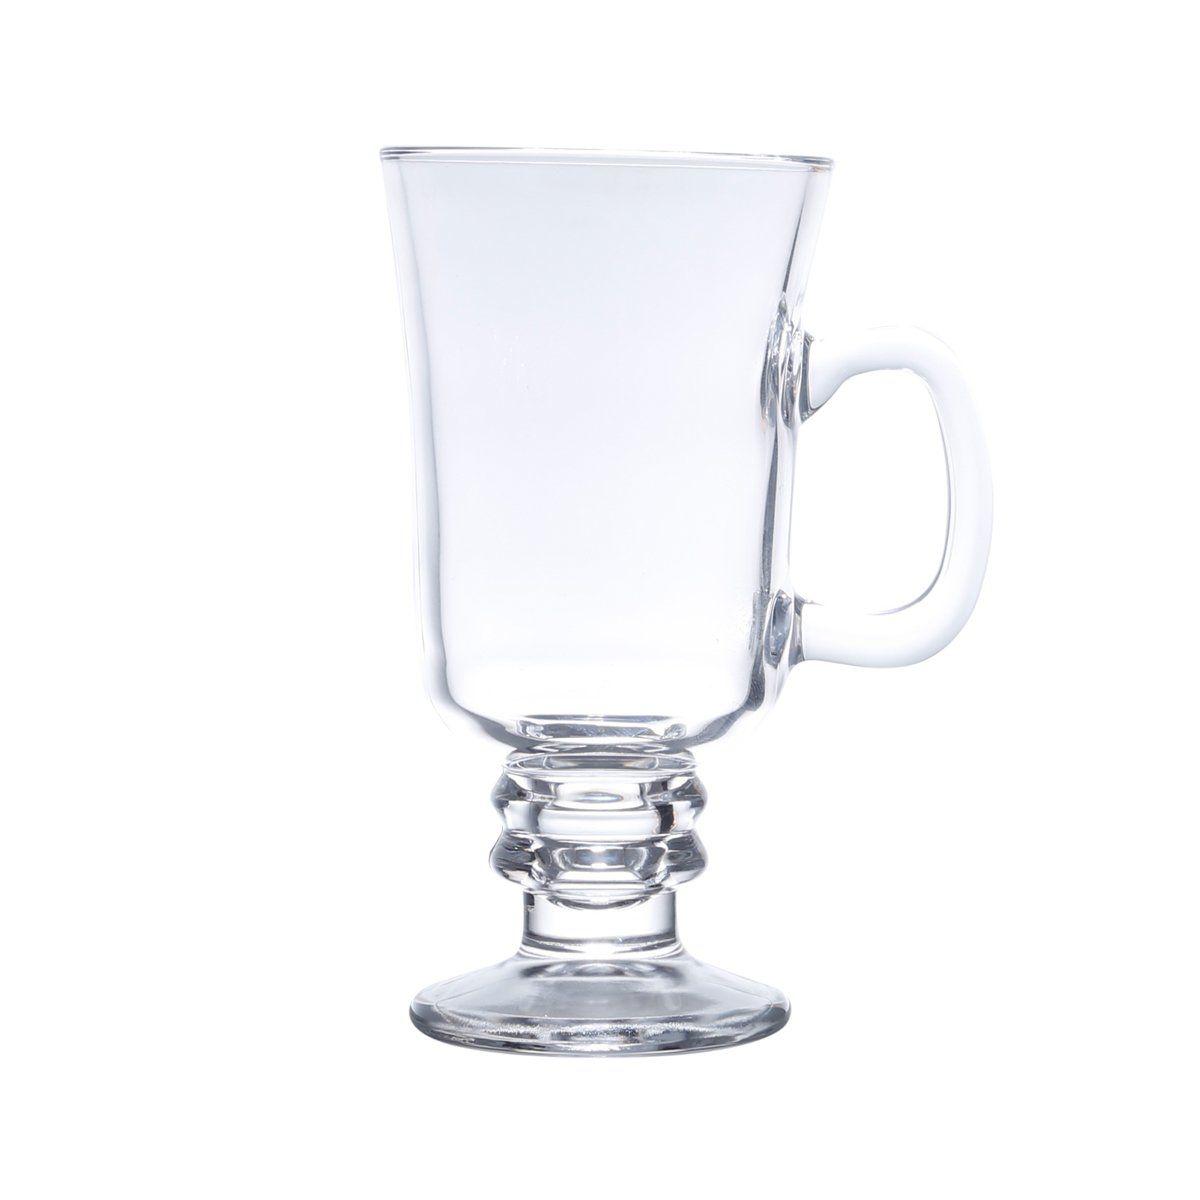 Jogo 6 copos 114 ml para cappuccino e café de vidro transparente com alça e pé Lyor - L6629